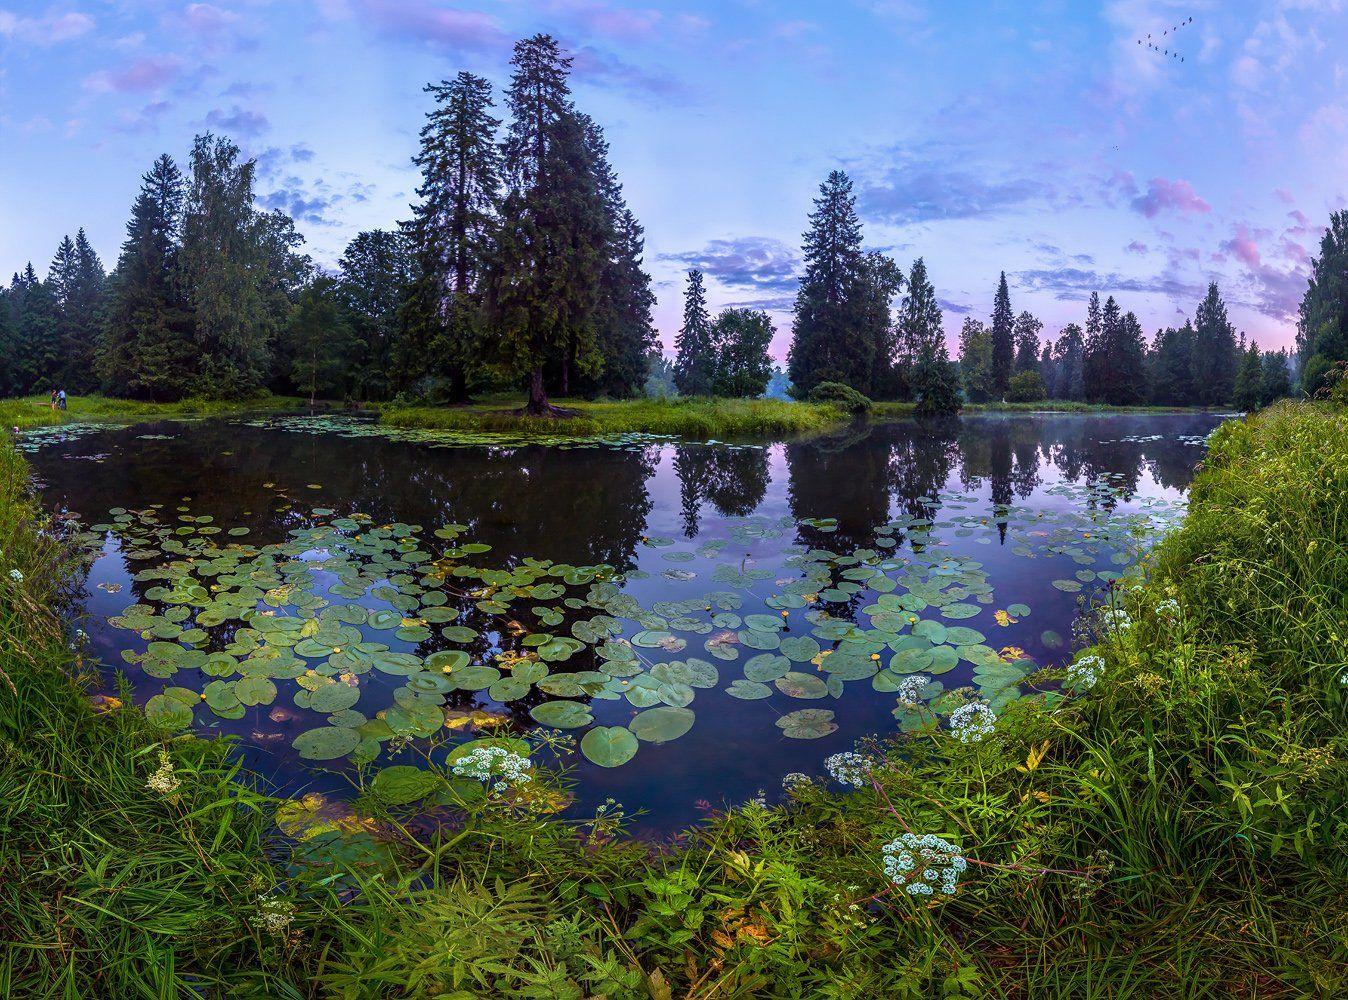 ленинградская область, парк, лето, пруд, шувалово, сумерки, деревья, кувшинки, листья, водоём, ель, небо, Лашков Фёдор